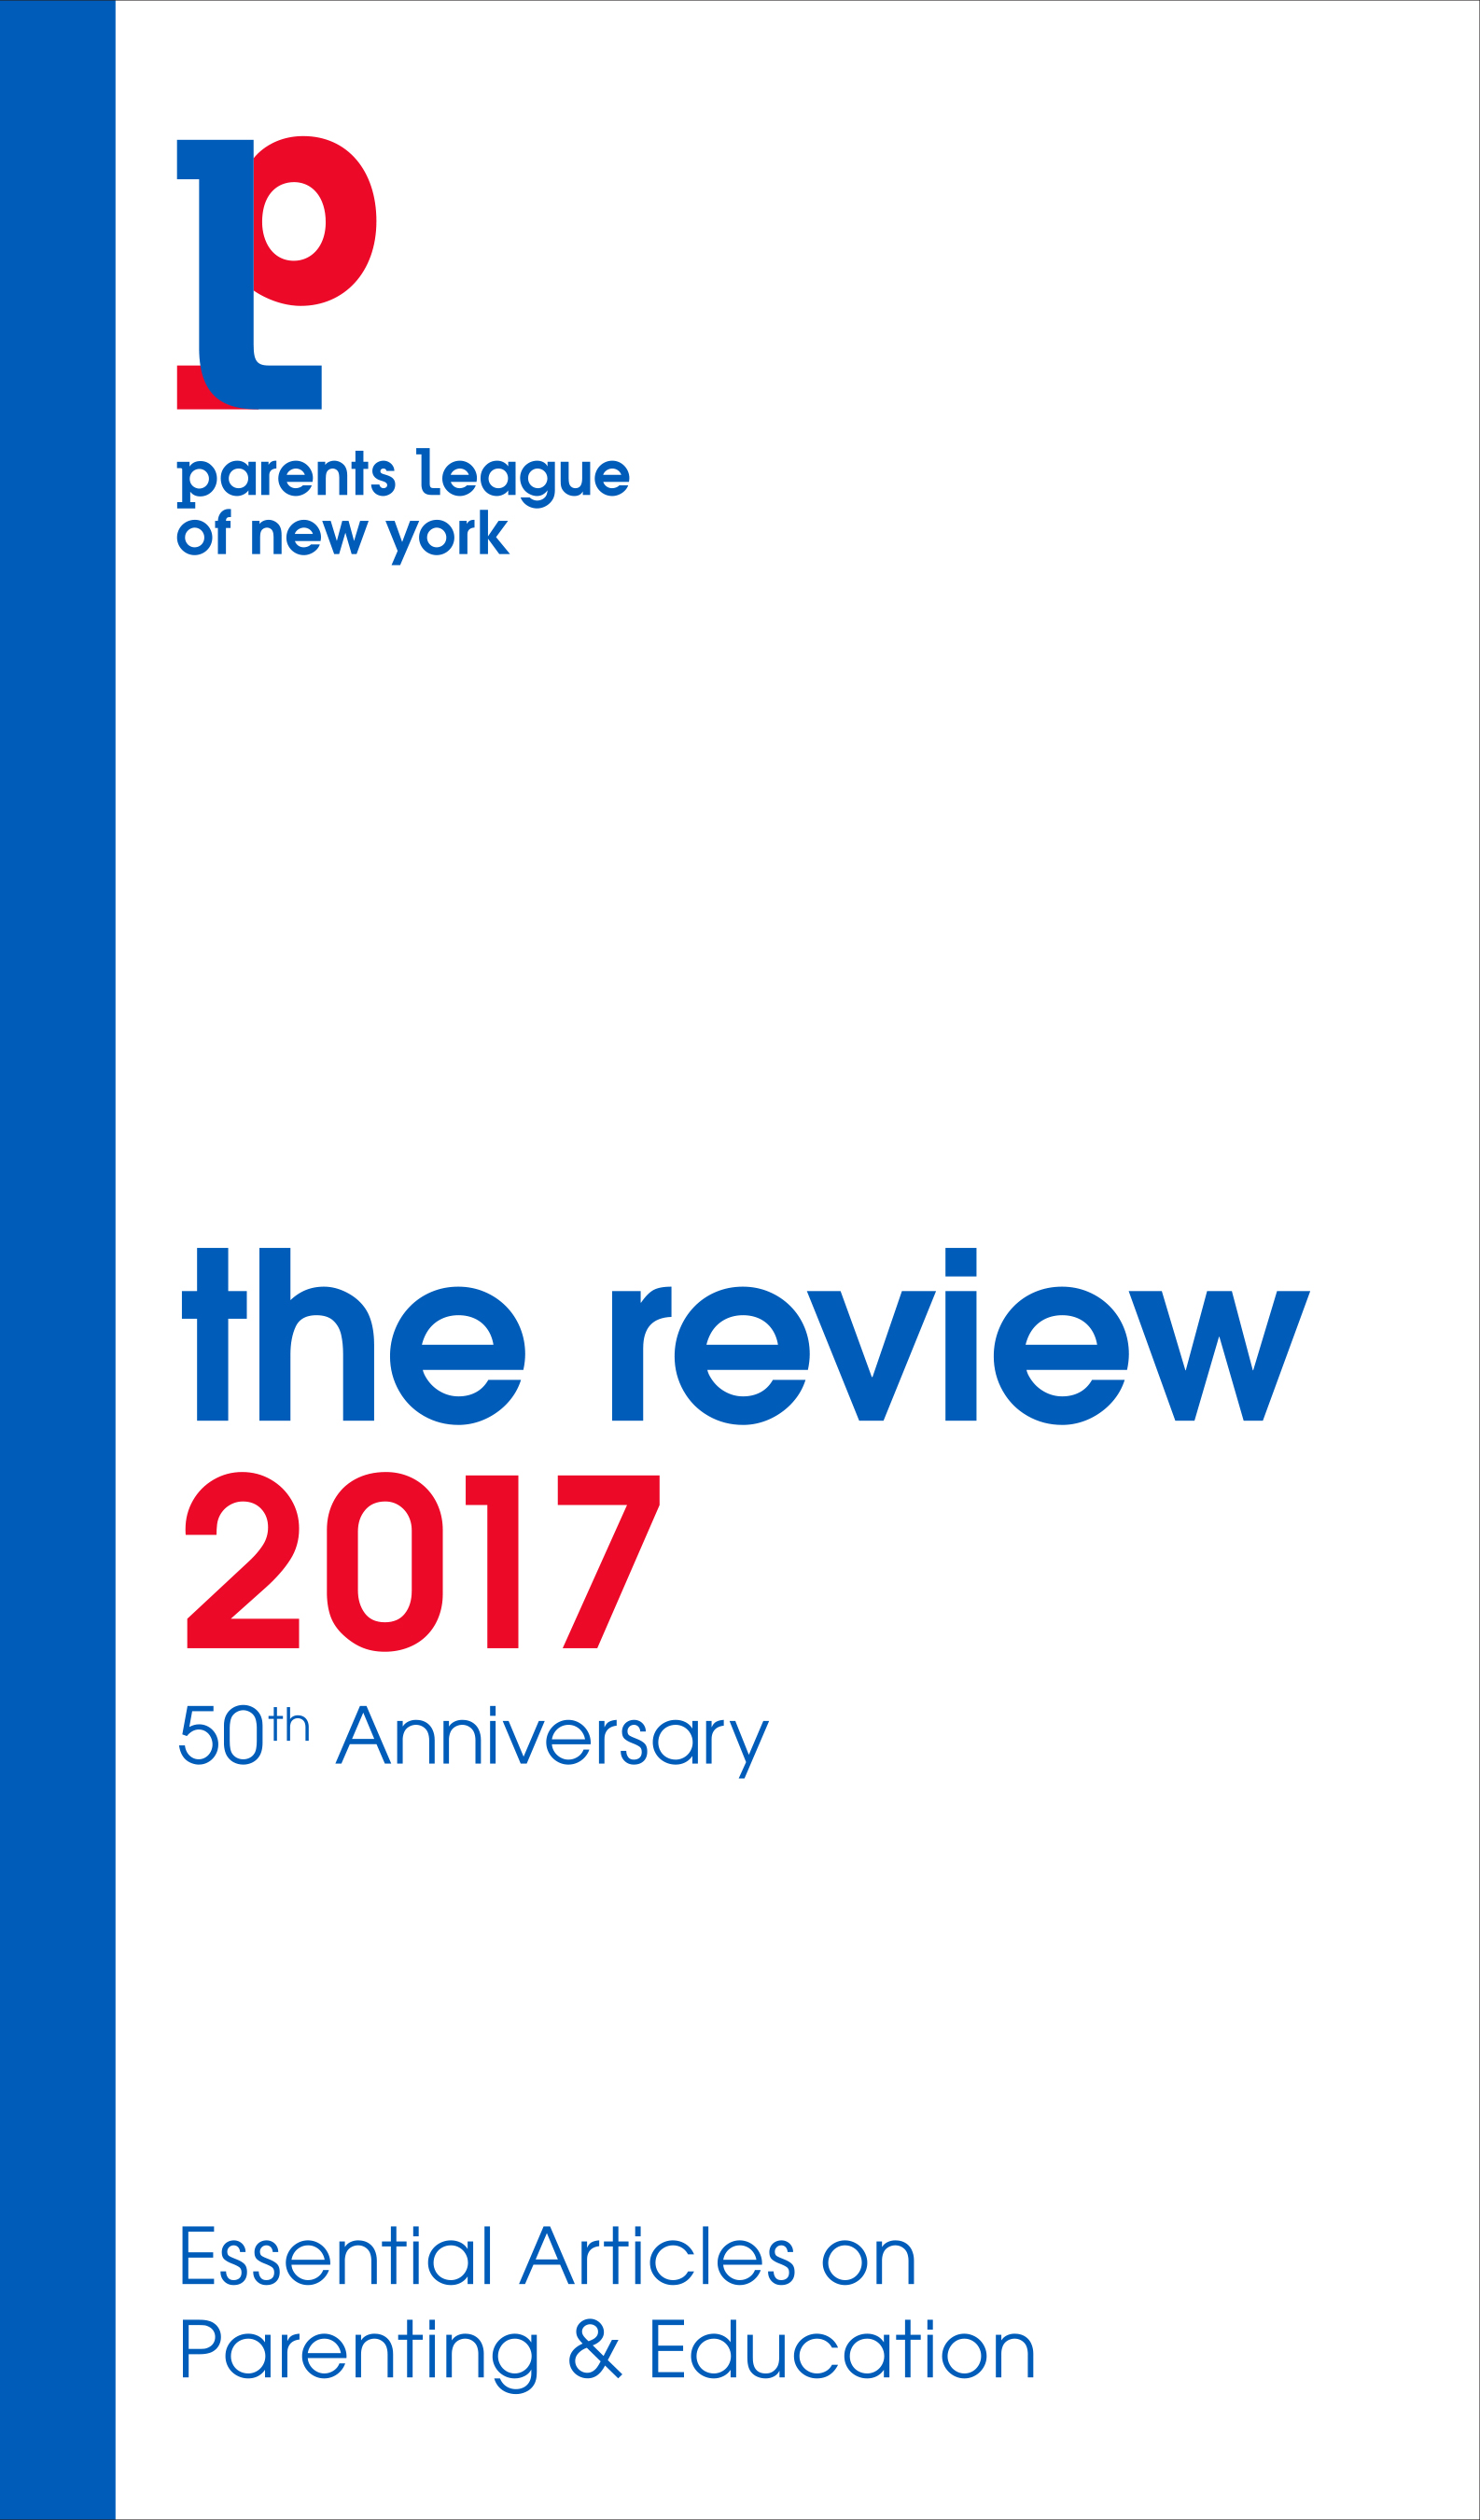 Parents League Review 2017